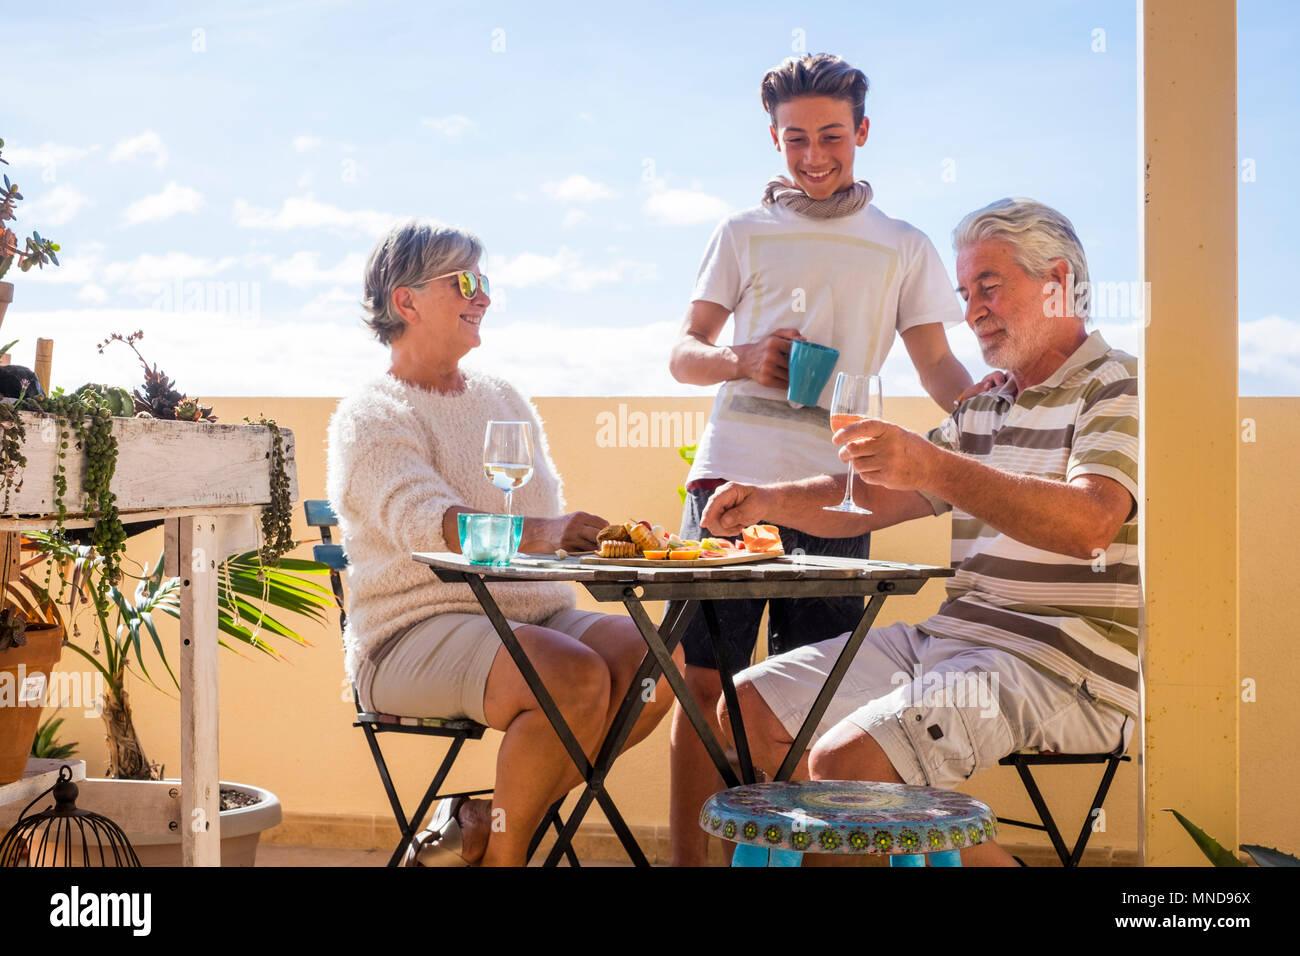 Familie unterschiedlichen Alters mit Großeltern und Enkel verbringen freie Zeit auf der Terrasse essen und trinken auf der Außenterrasse im Sommer Stockbild